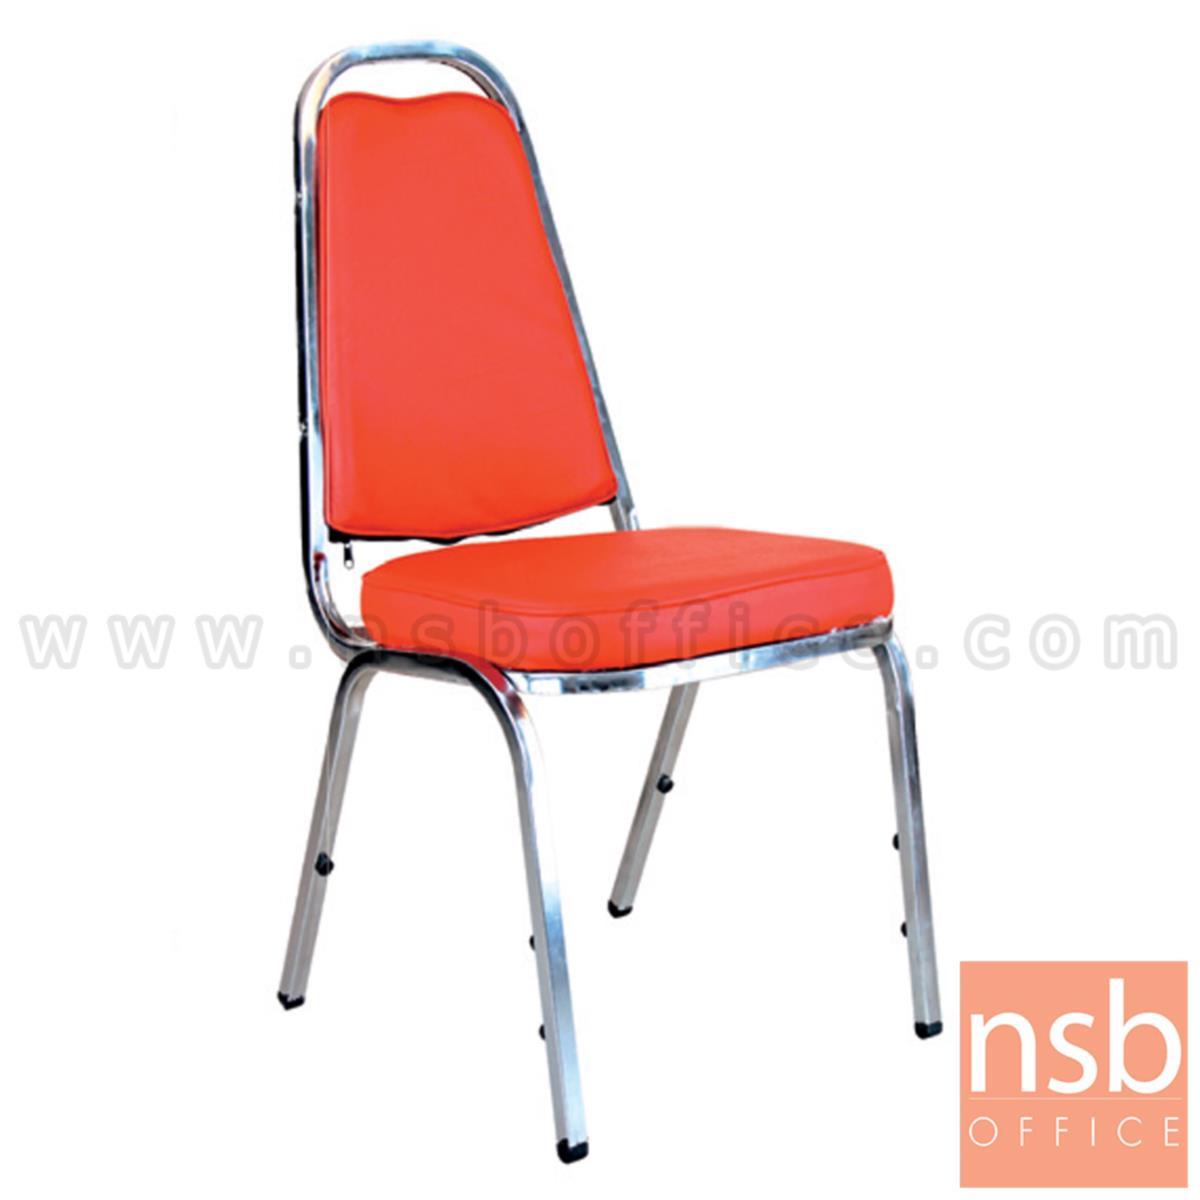 B05A007:เก้าอี้อเนกประสงค์จัดเลี้ยง รุ่น Brosnan (บรอสแนน) ขาเหล็ก